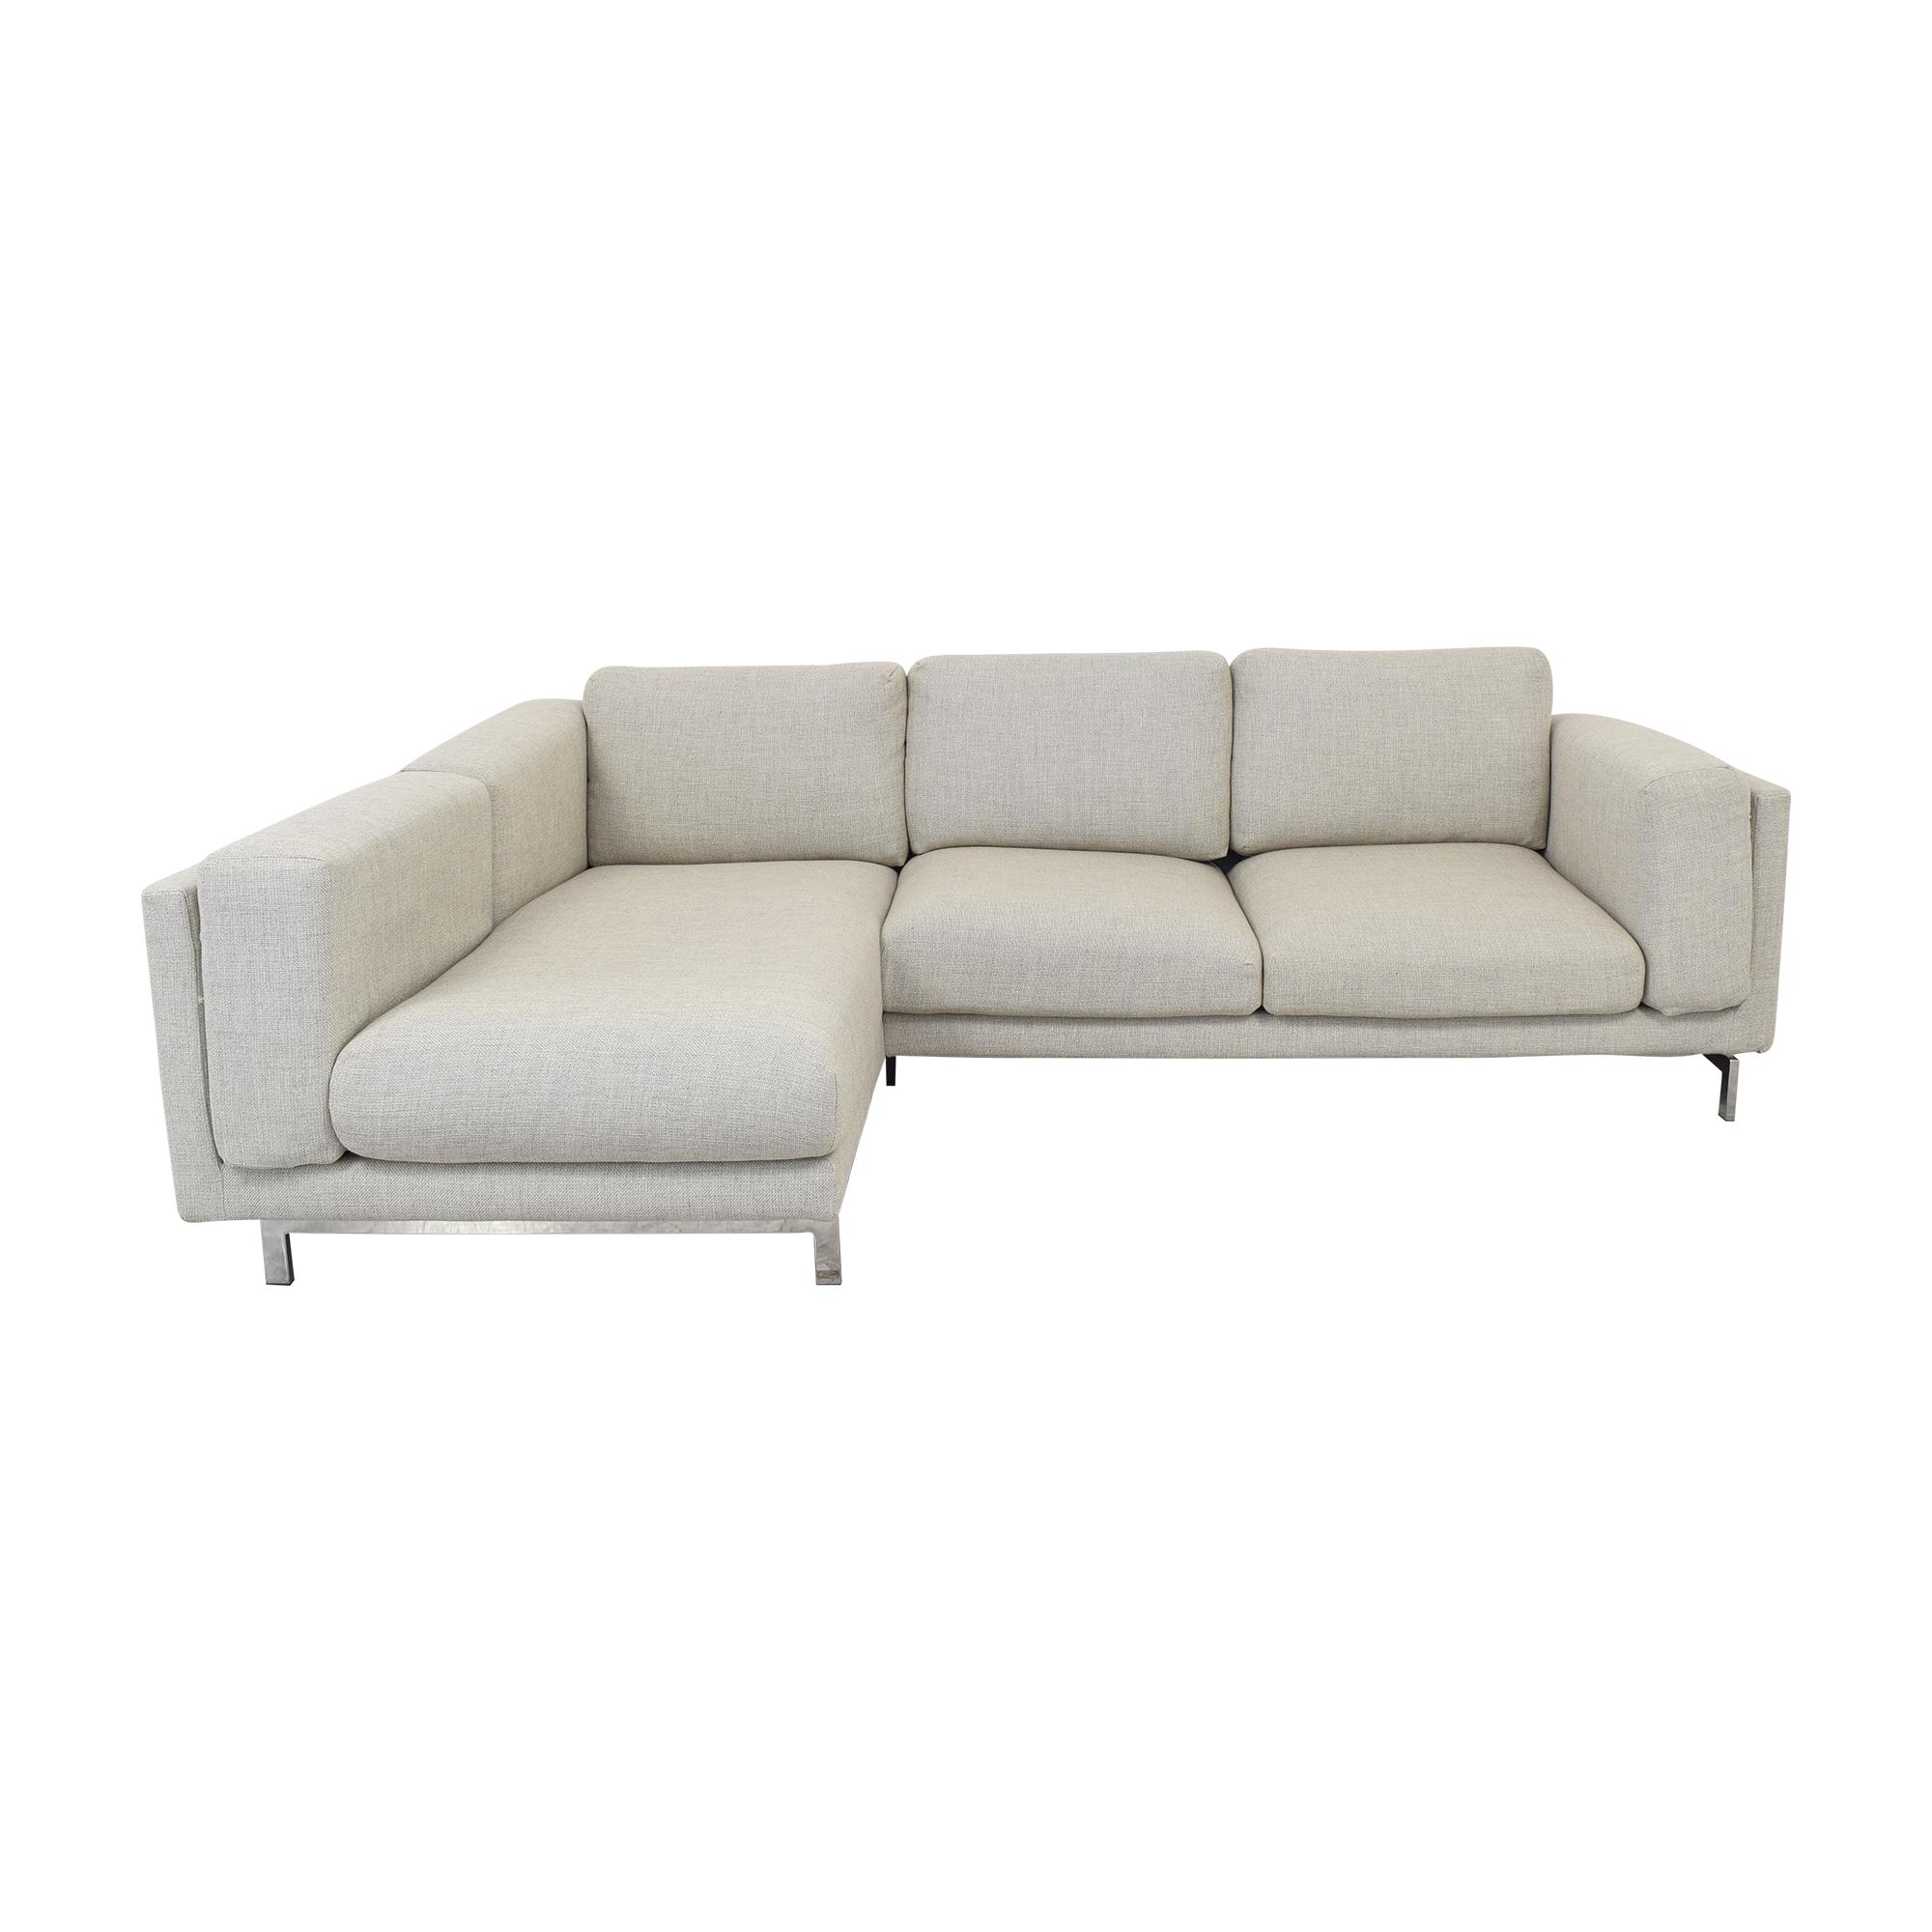 IKEA IKEA Nockeby Three Seat Sofa nyc